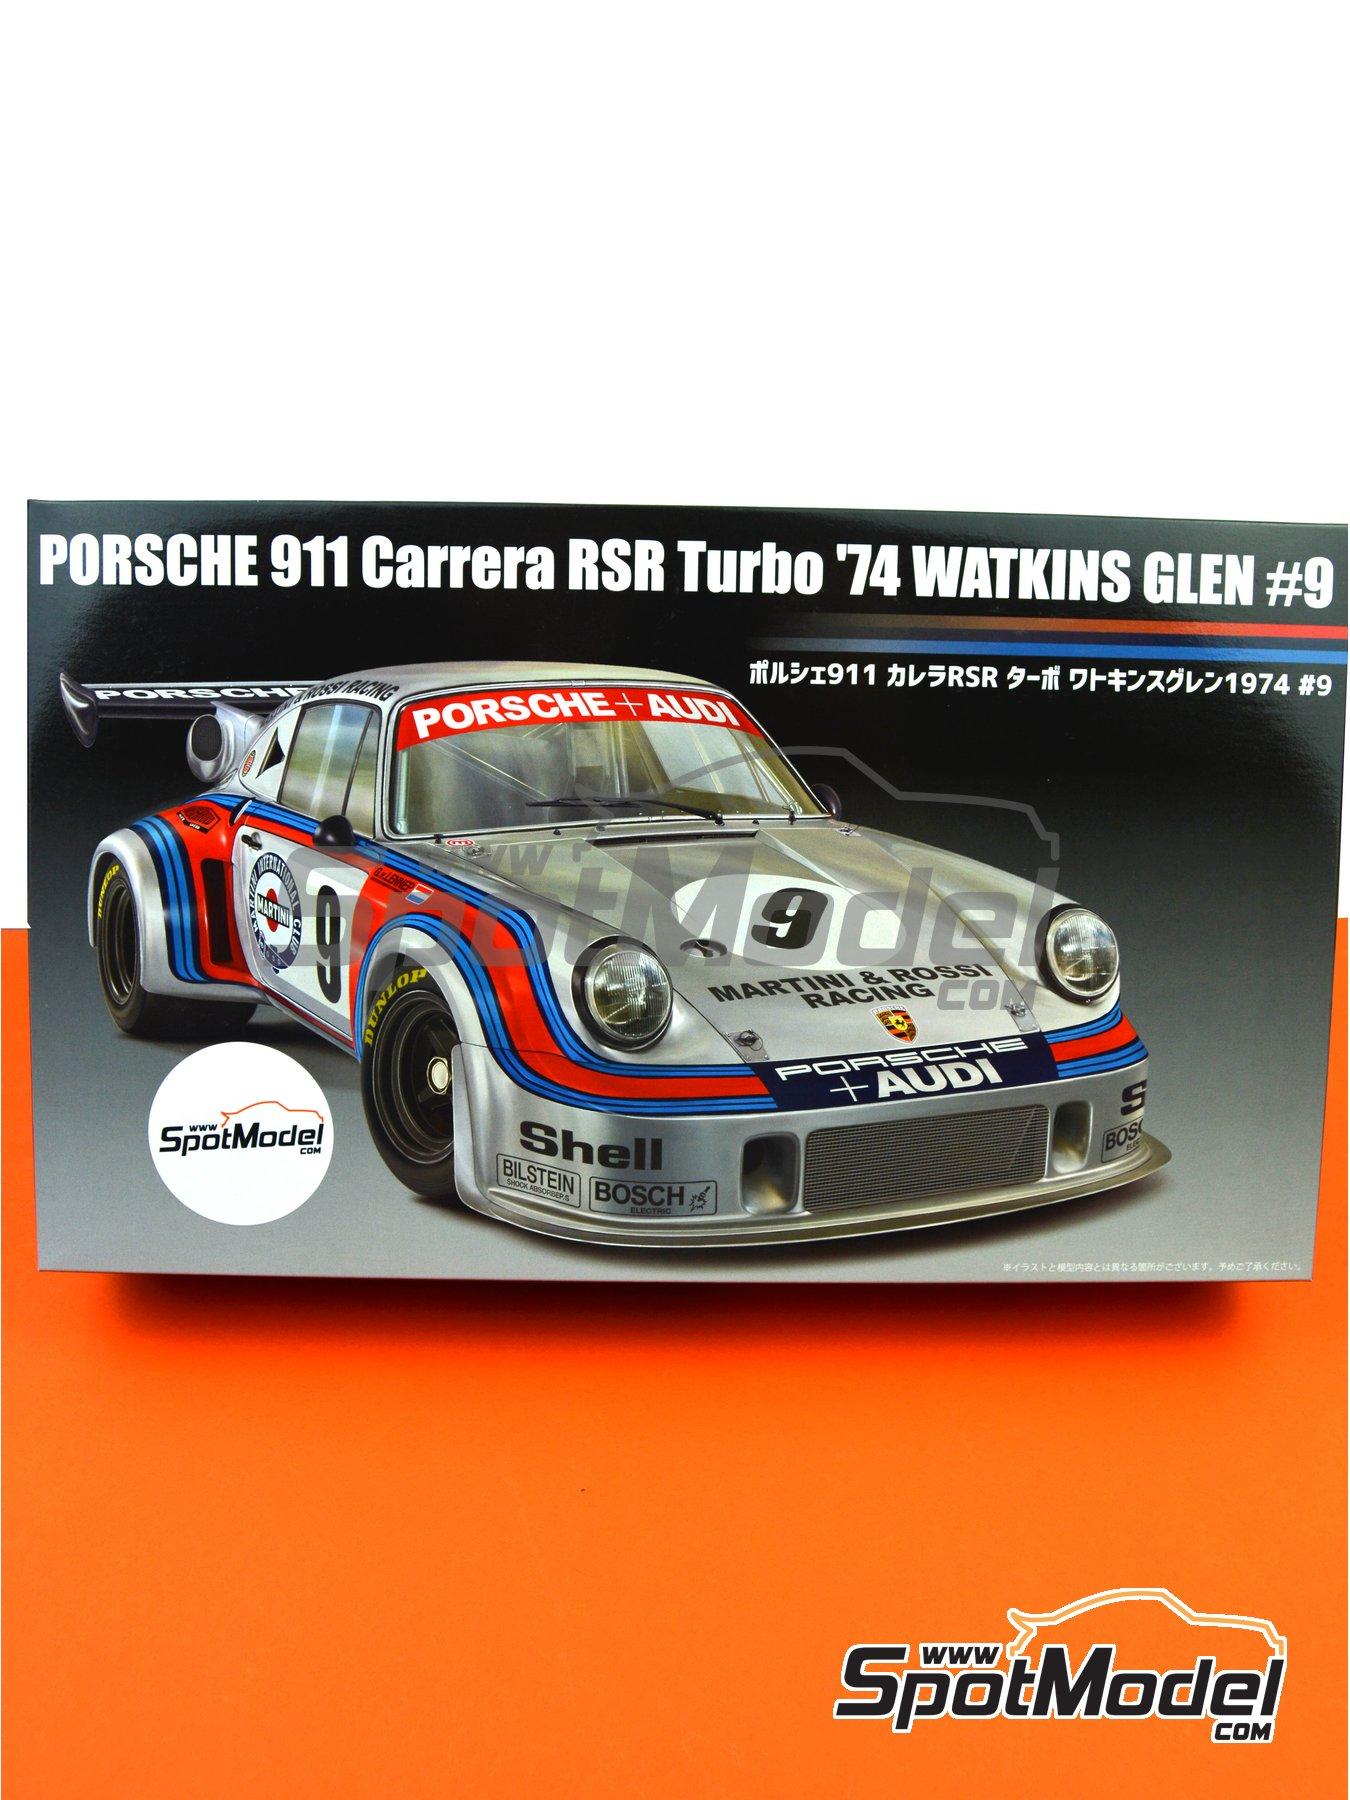 Porsche 911 Carrera RSR Turbo Martini Rossi Porsche Audi - 6 horas de Watkins Glen 1974 | Maqueta de coche en escala1/24 fabricado por Fujimi (ref.FJ126494, tambien 126494 y RS-99) image